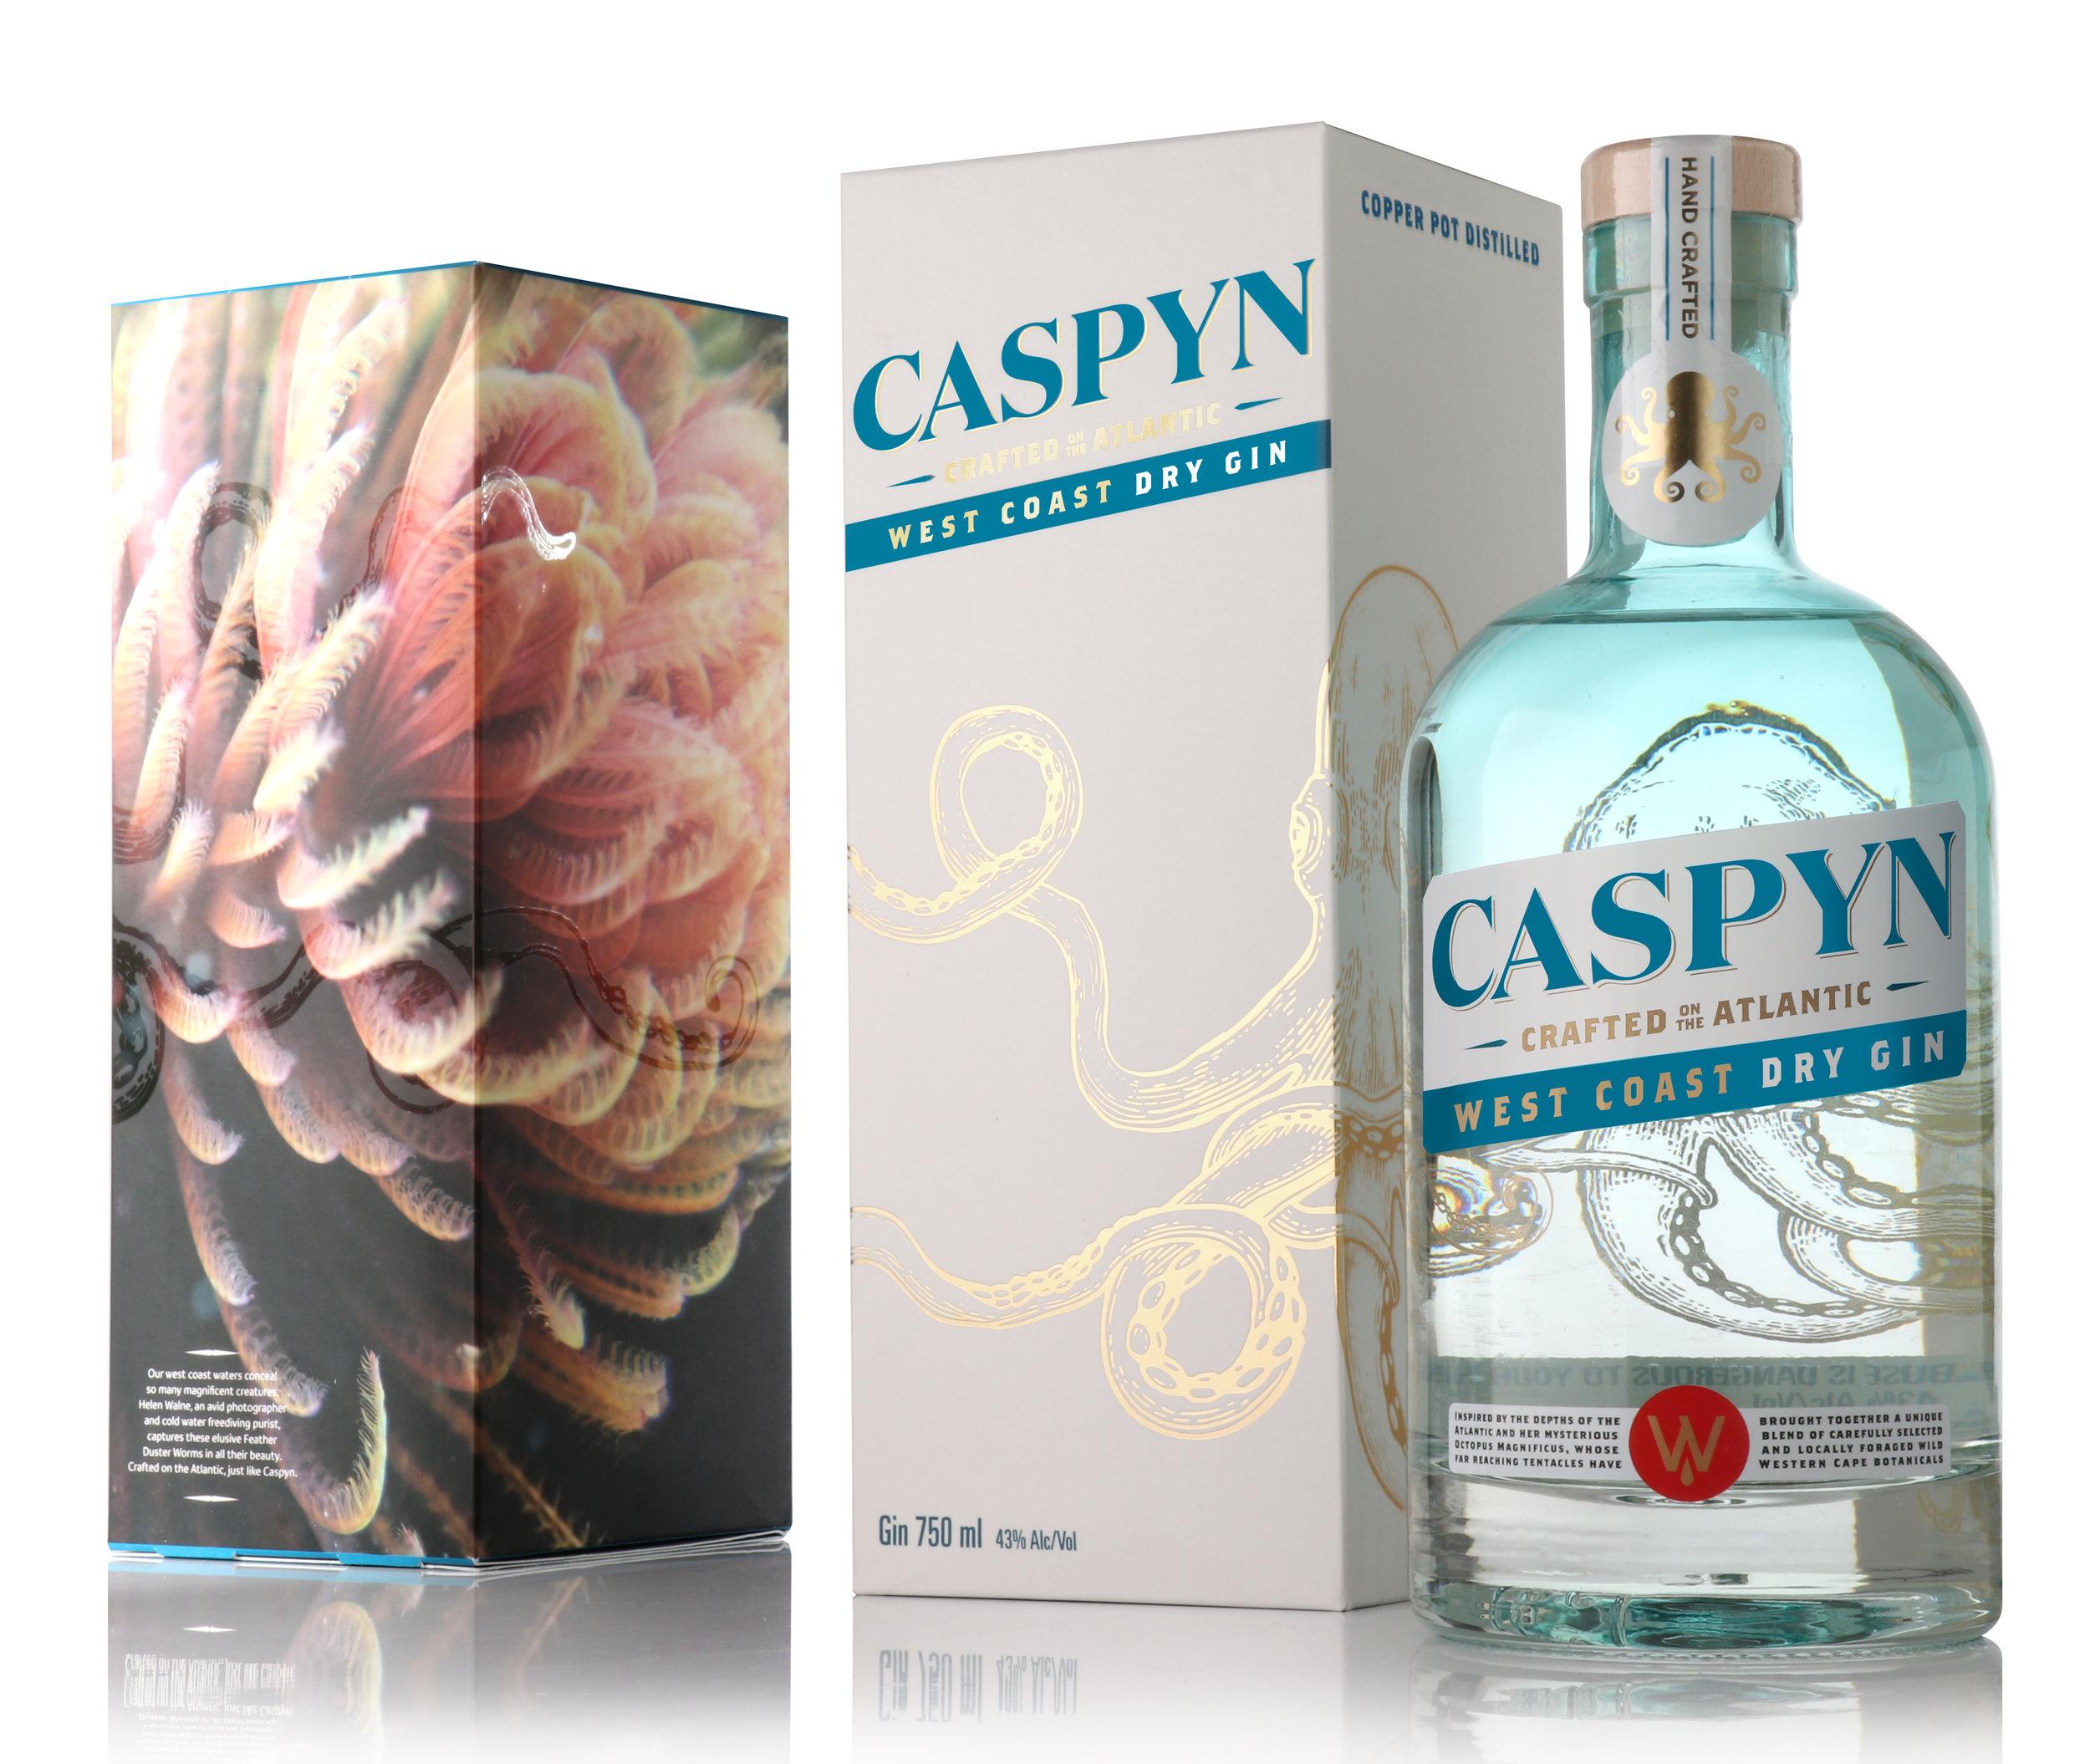 Caper_Caspyn_box_bottle.jpg